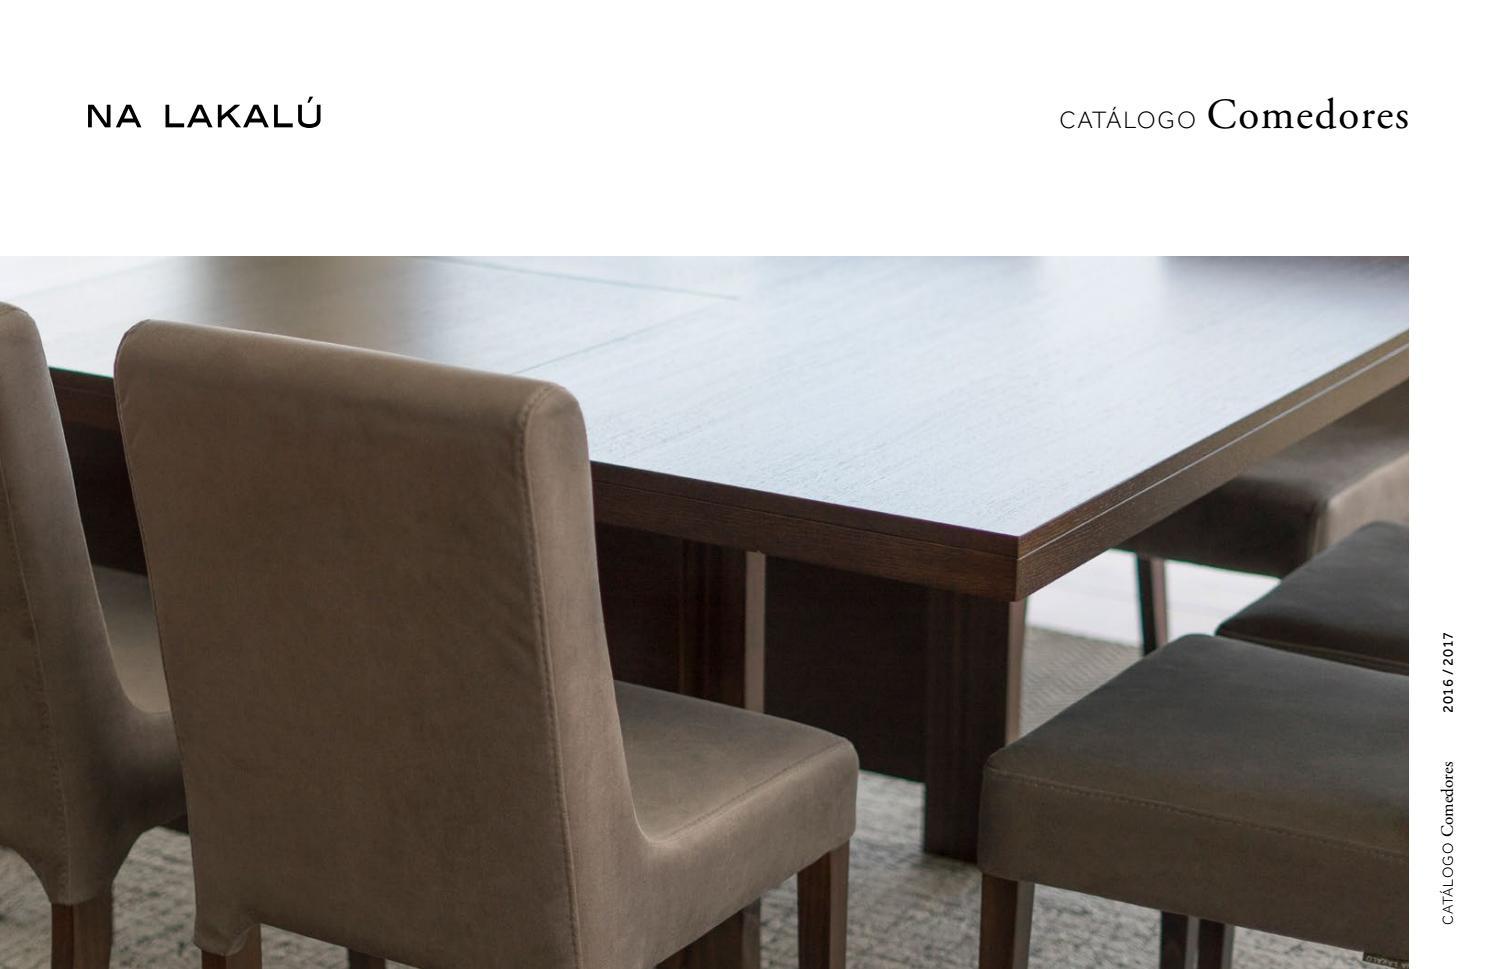 Na Lakalú - Catálogo de comedores by Na Lakalu Solutions ...